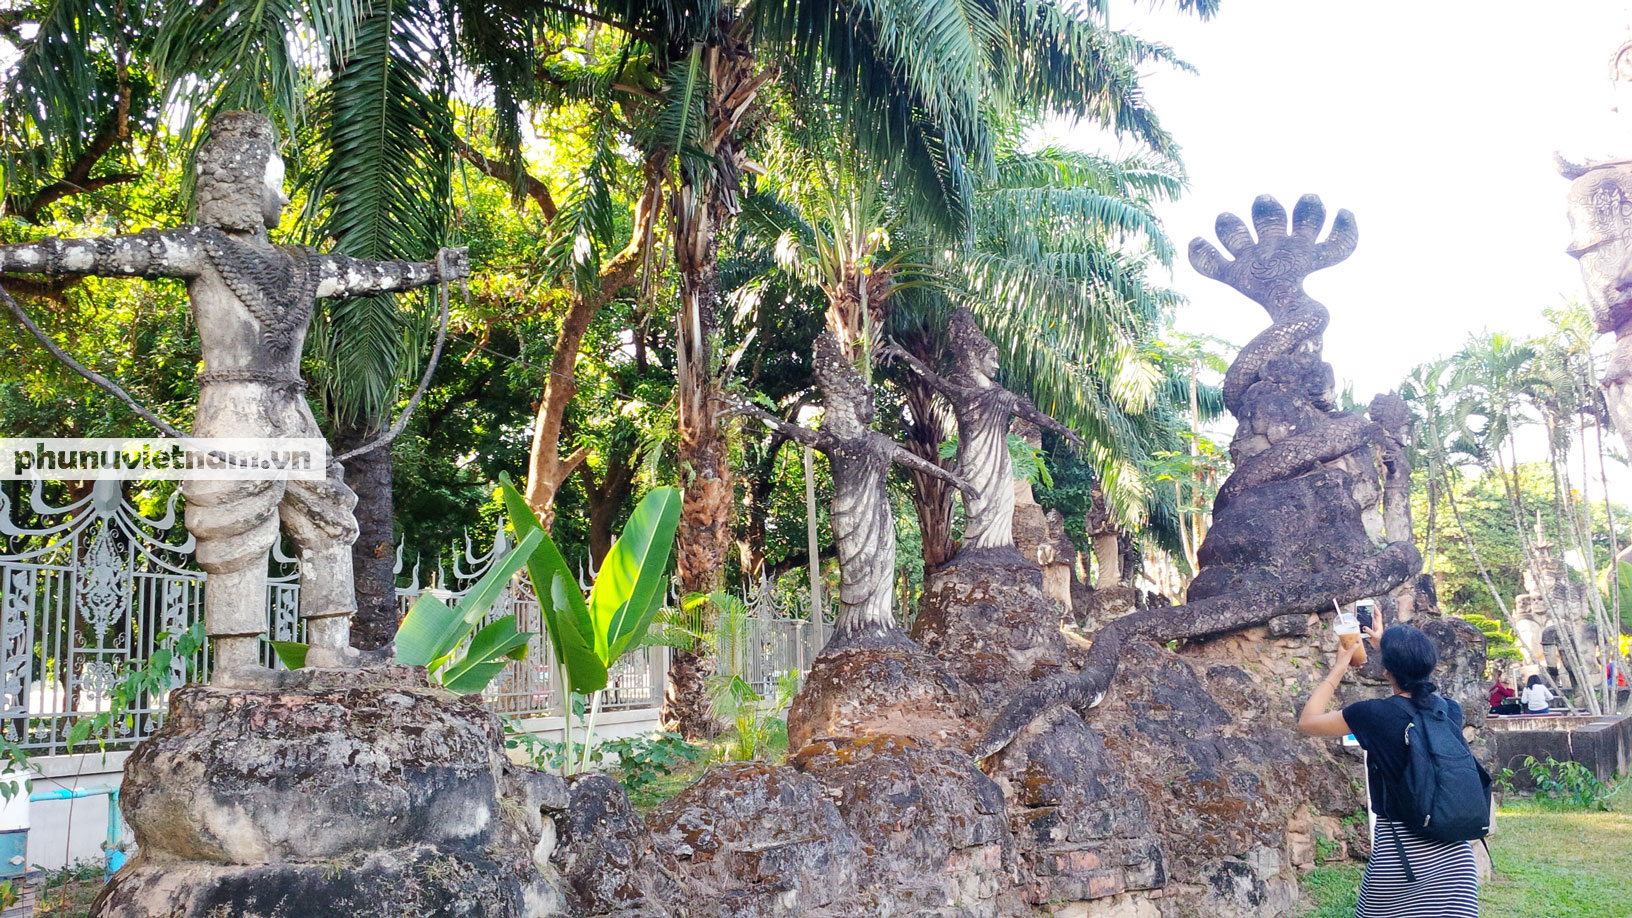 Độc đáo những bức tượng rắn trong chùa ở Viêng Chăn - Ảnh 9.